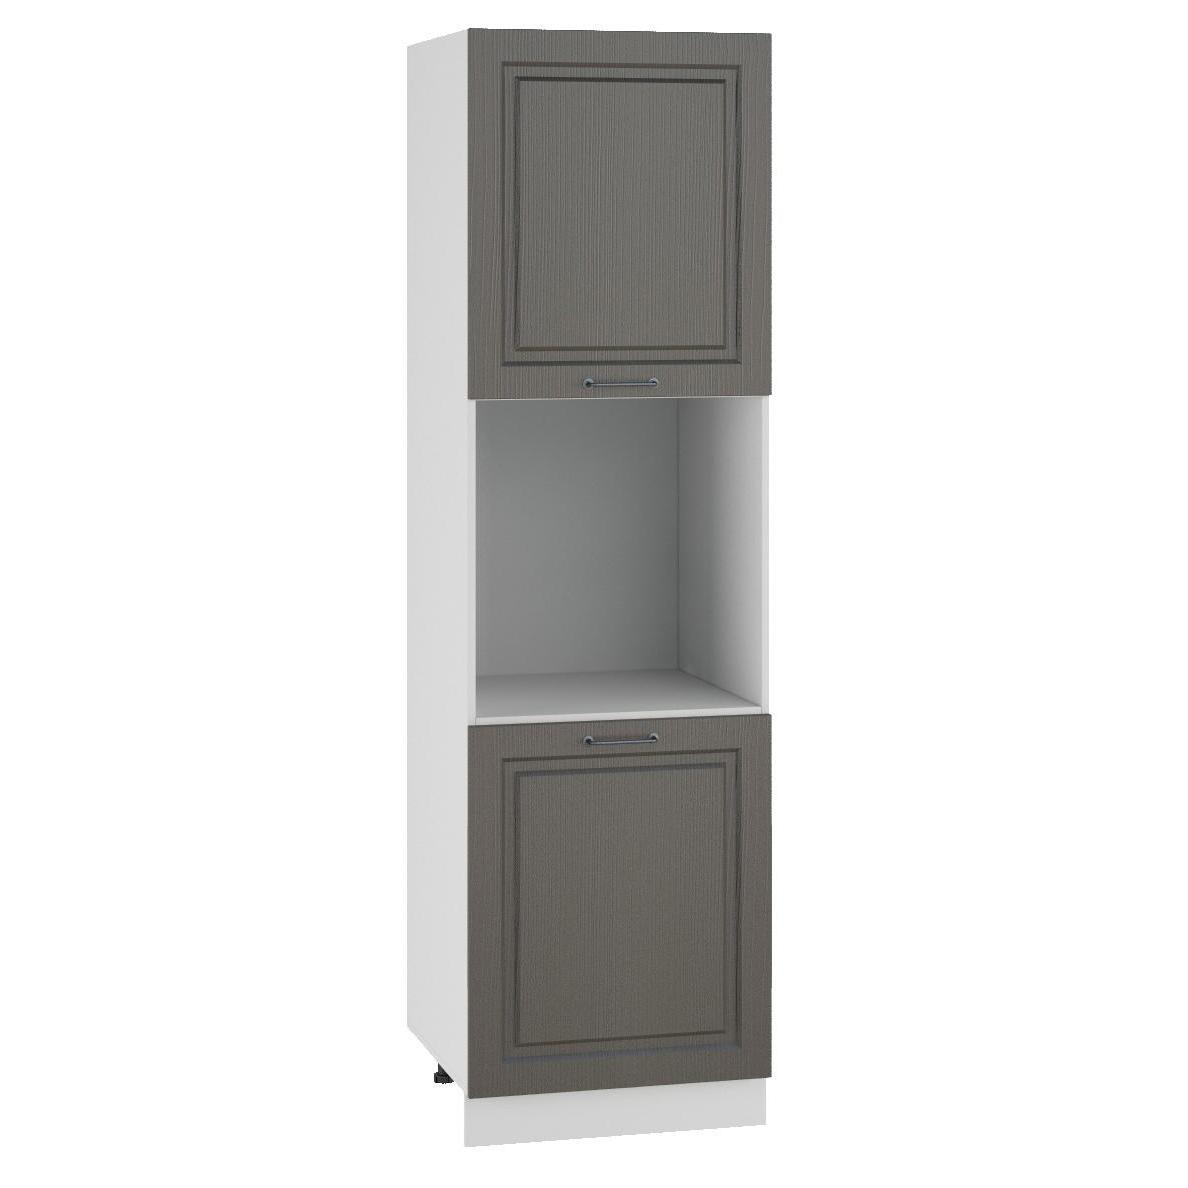 Кухня Капри ПН 600 Шкаф-пенал